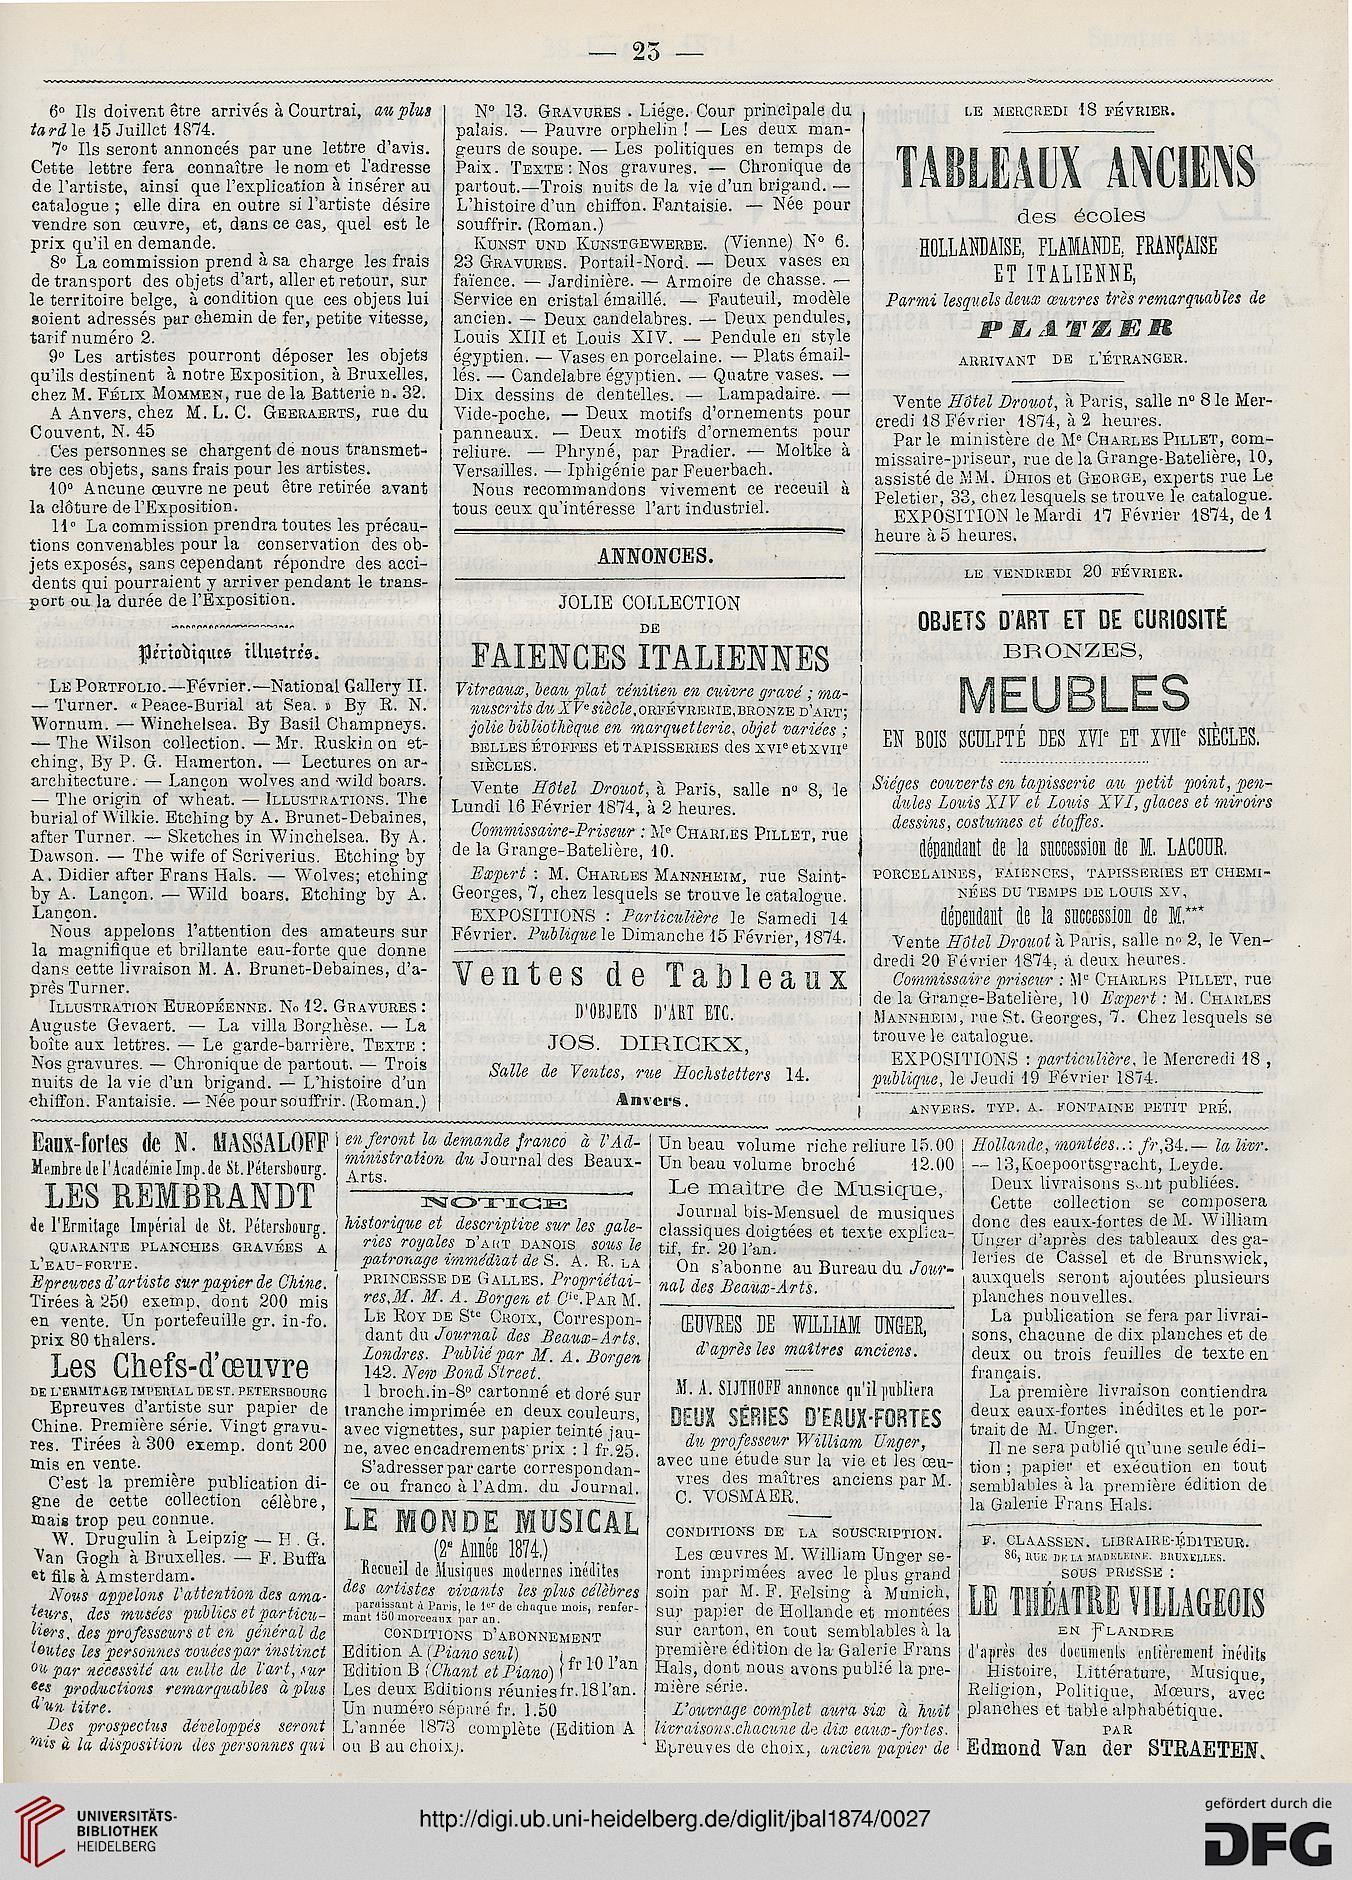 Journal des beaux arts et de la littérature 20.20